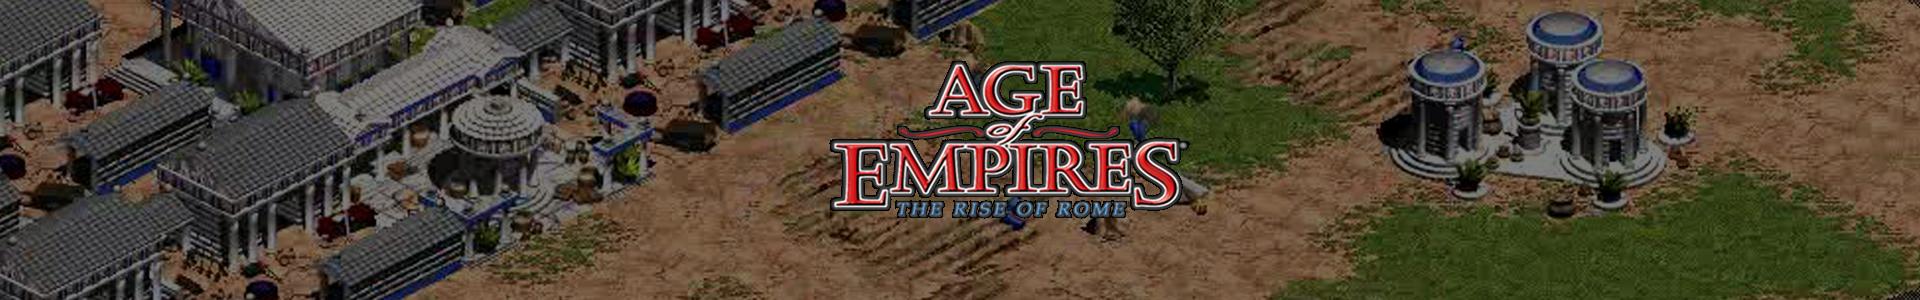 age of empires statistics